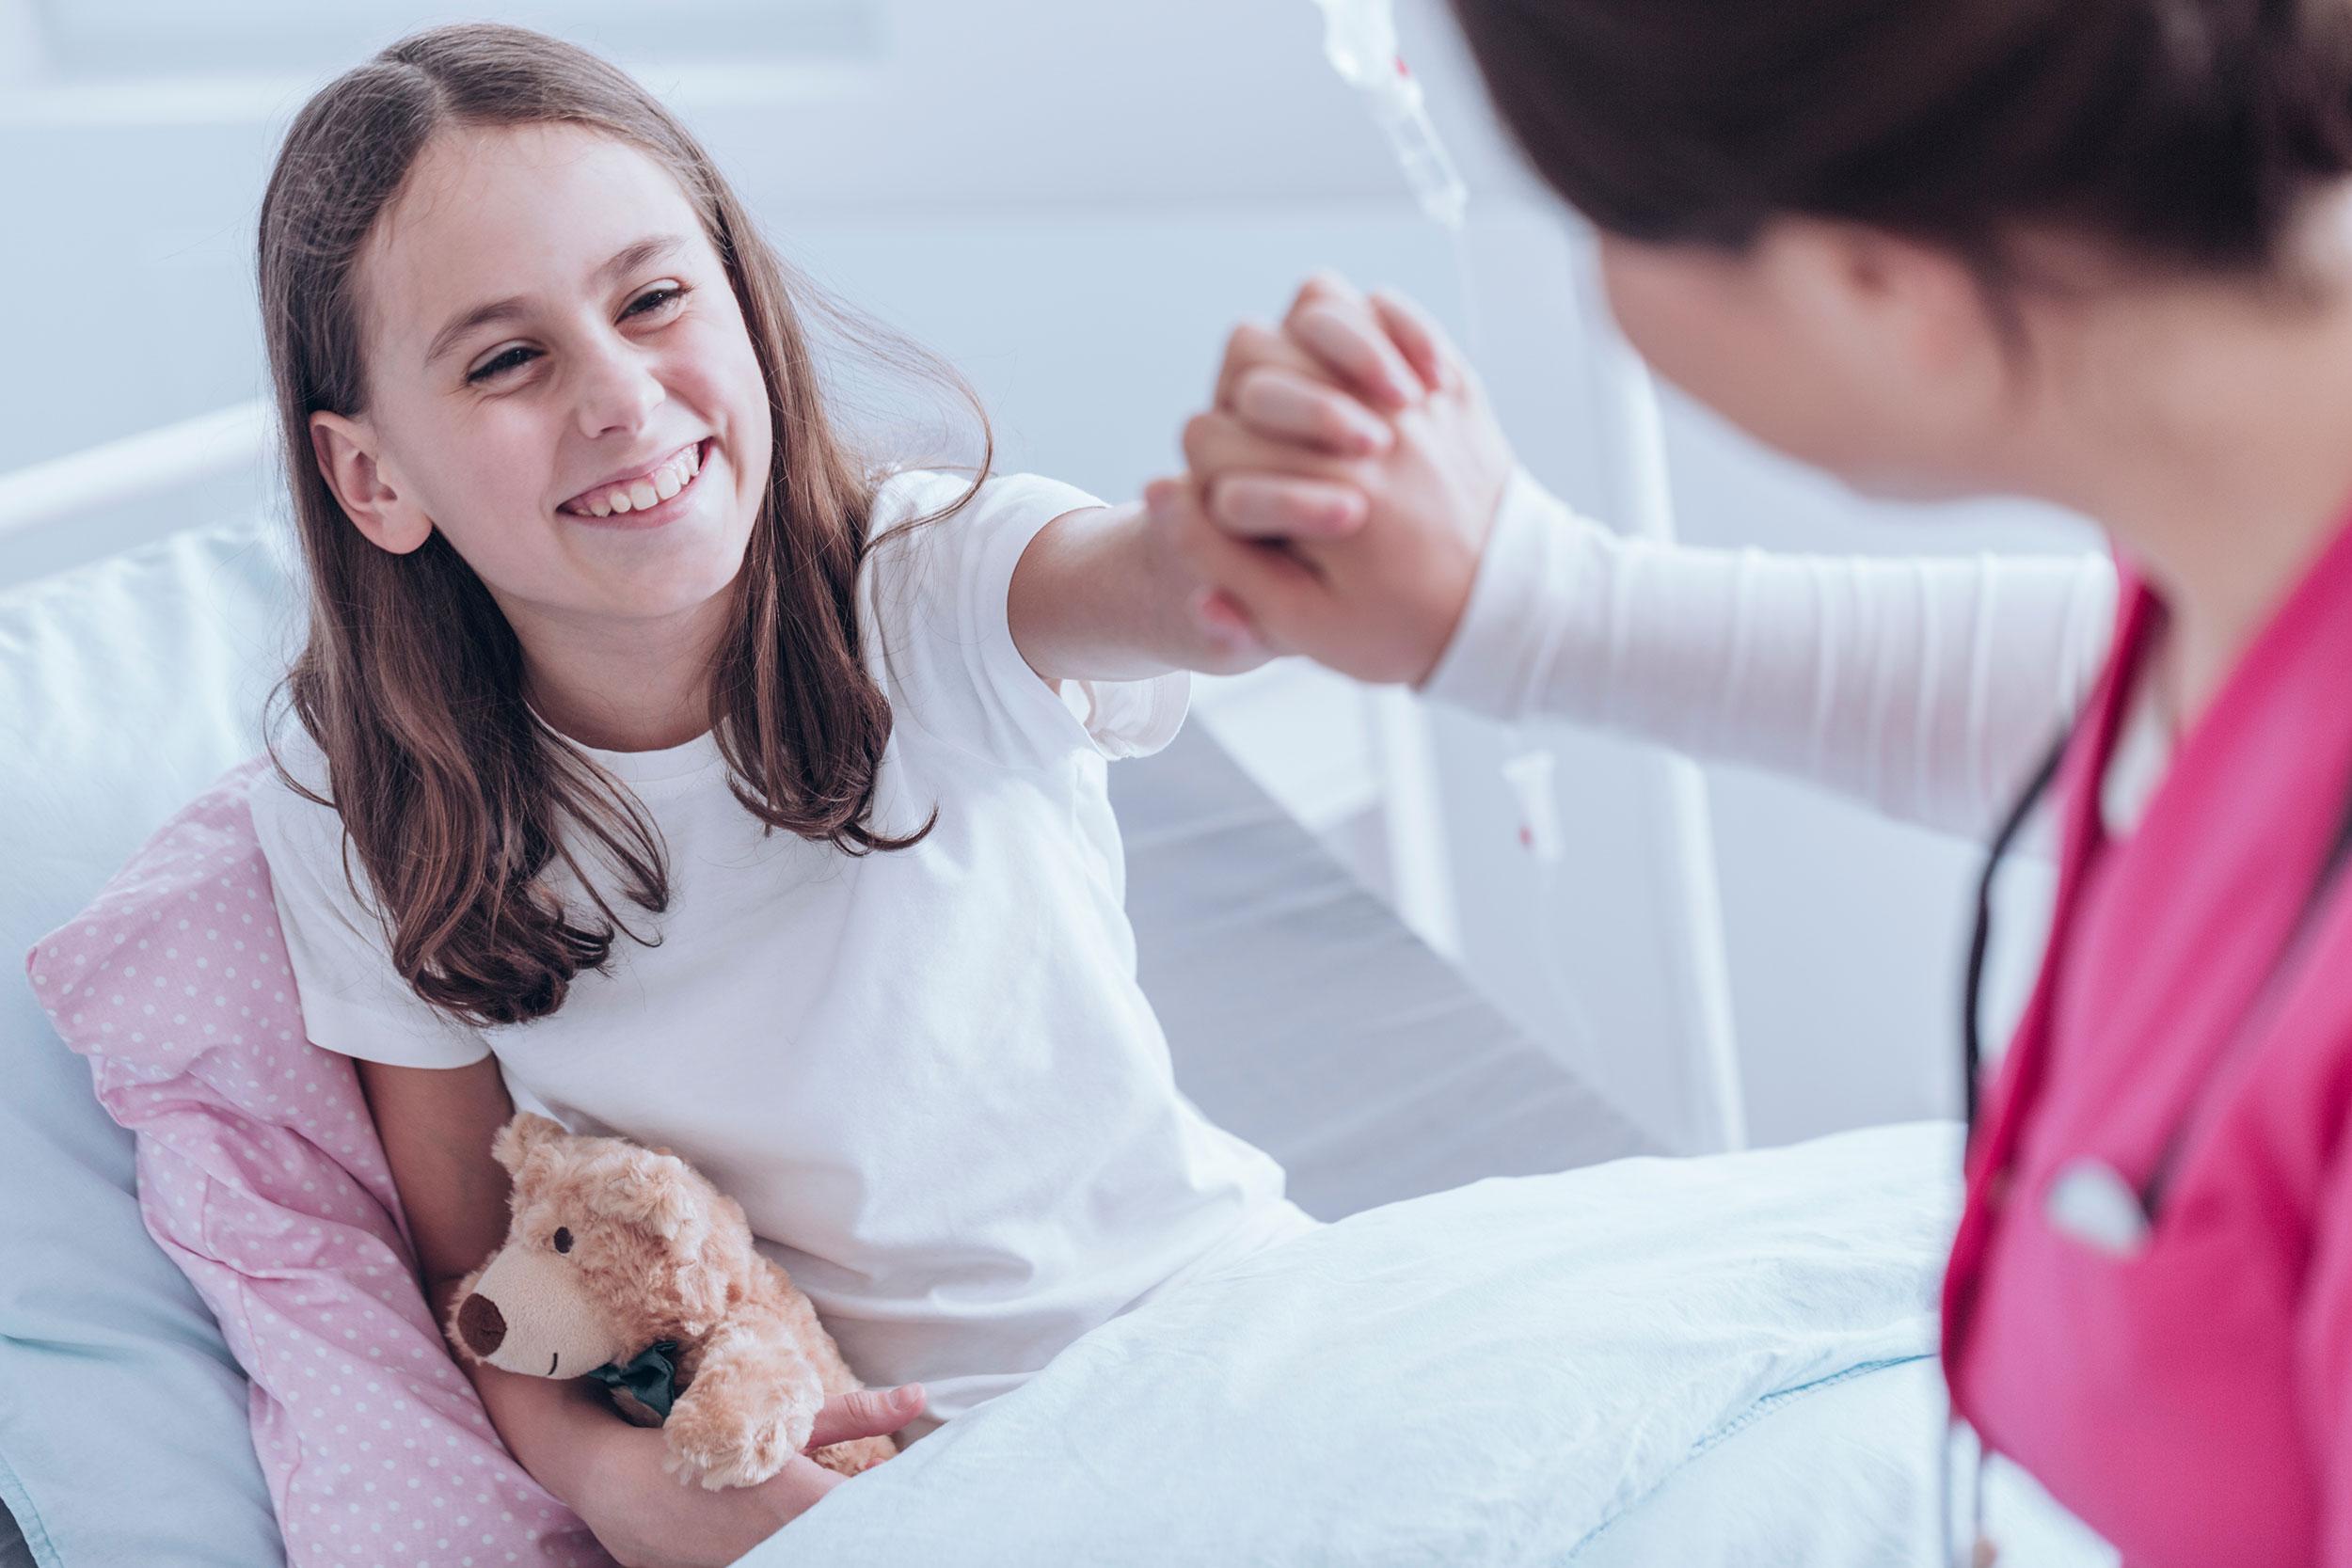 Ein junges Mädchen im Krankenhaus.